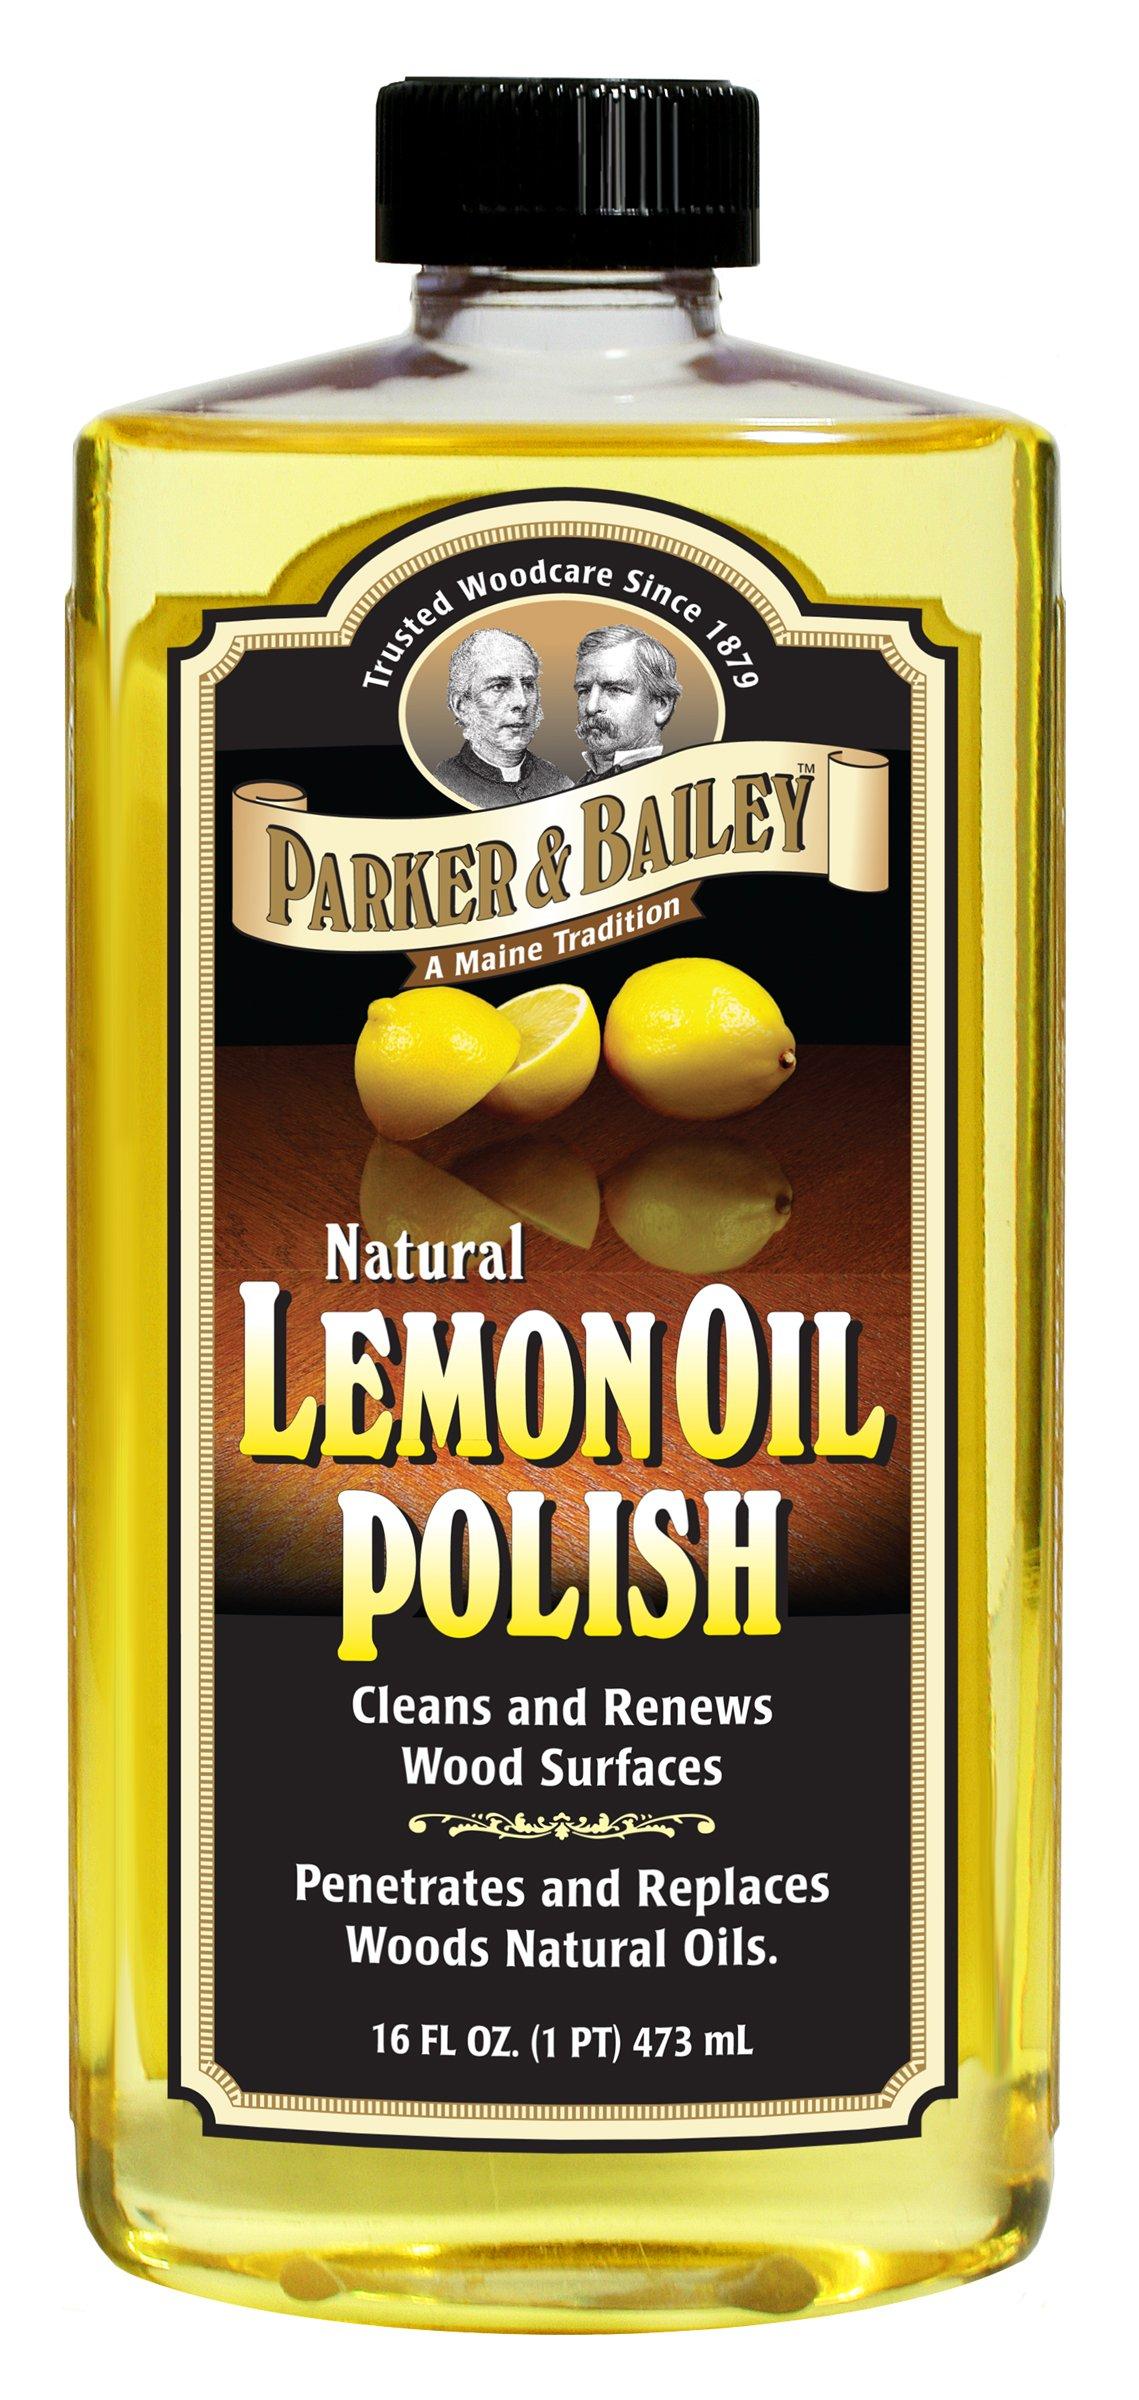 Parker & Bailey Natural Lemon Oil Polish 16oz